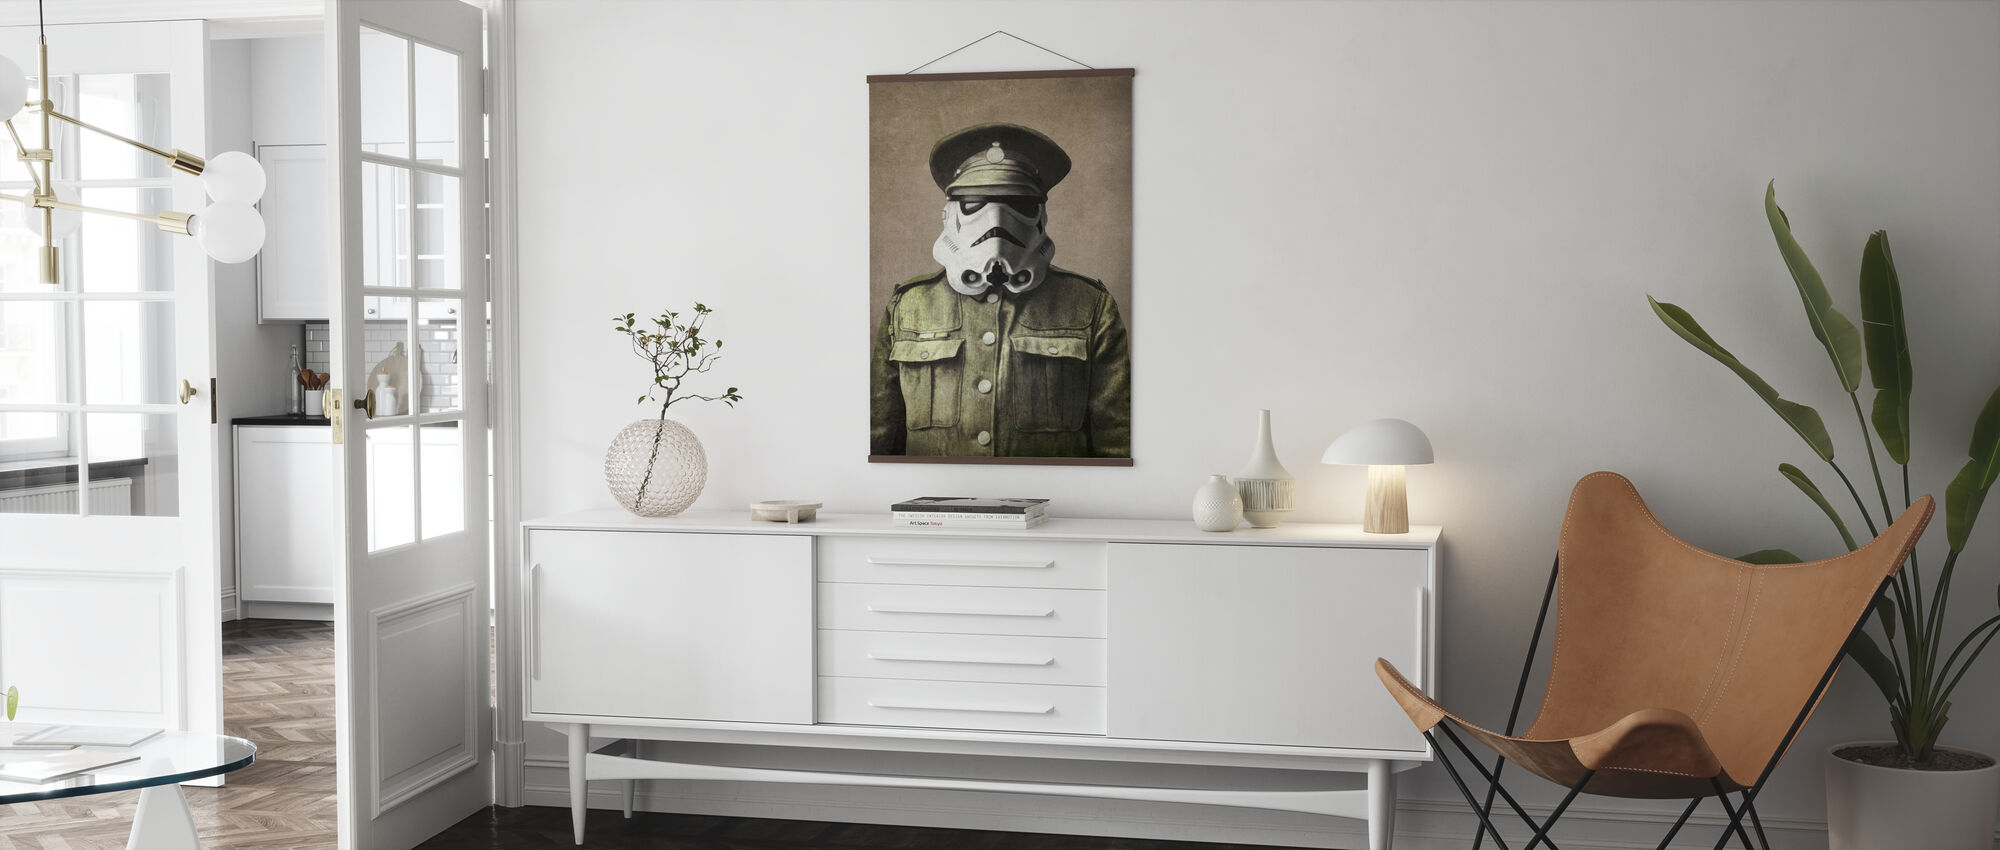 Victorian sodat kersantti Stormley - Juliste - Olohuone